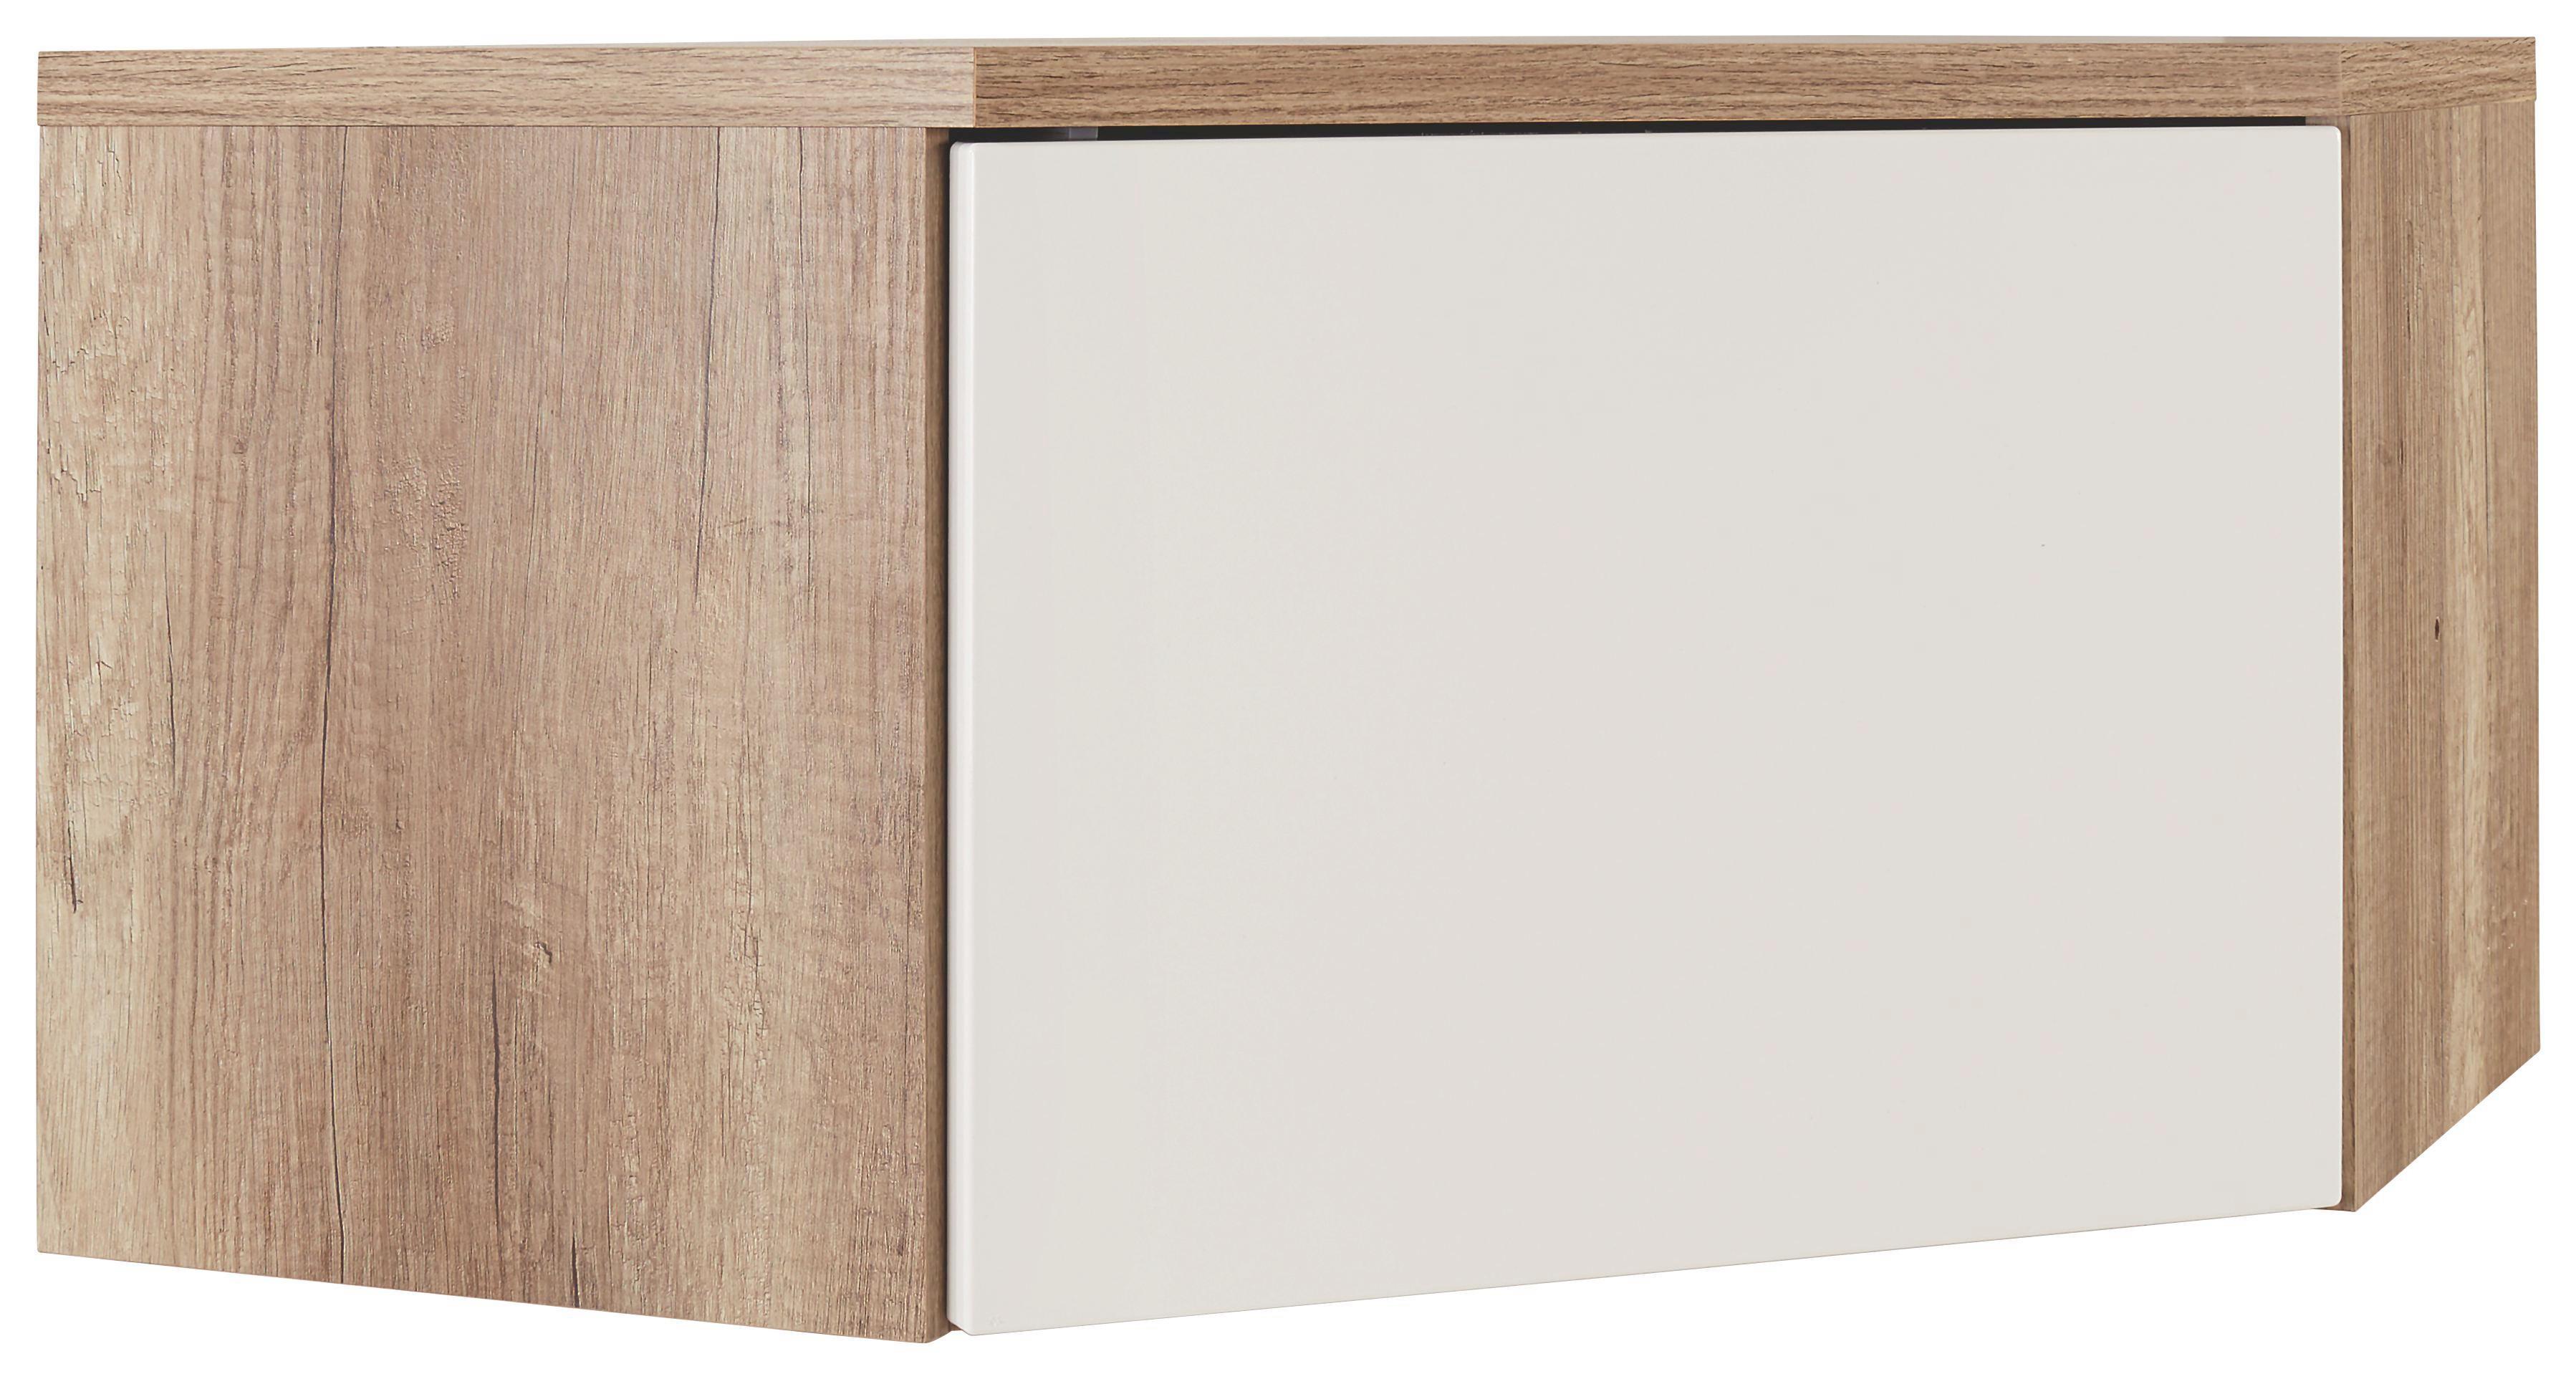 Előszoba Rátét Sarokszekrény Space - tölgy színű/fehér, modern (70/40/70cm)